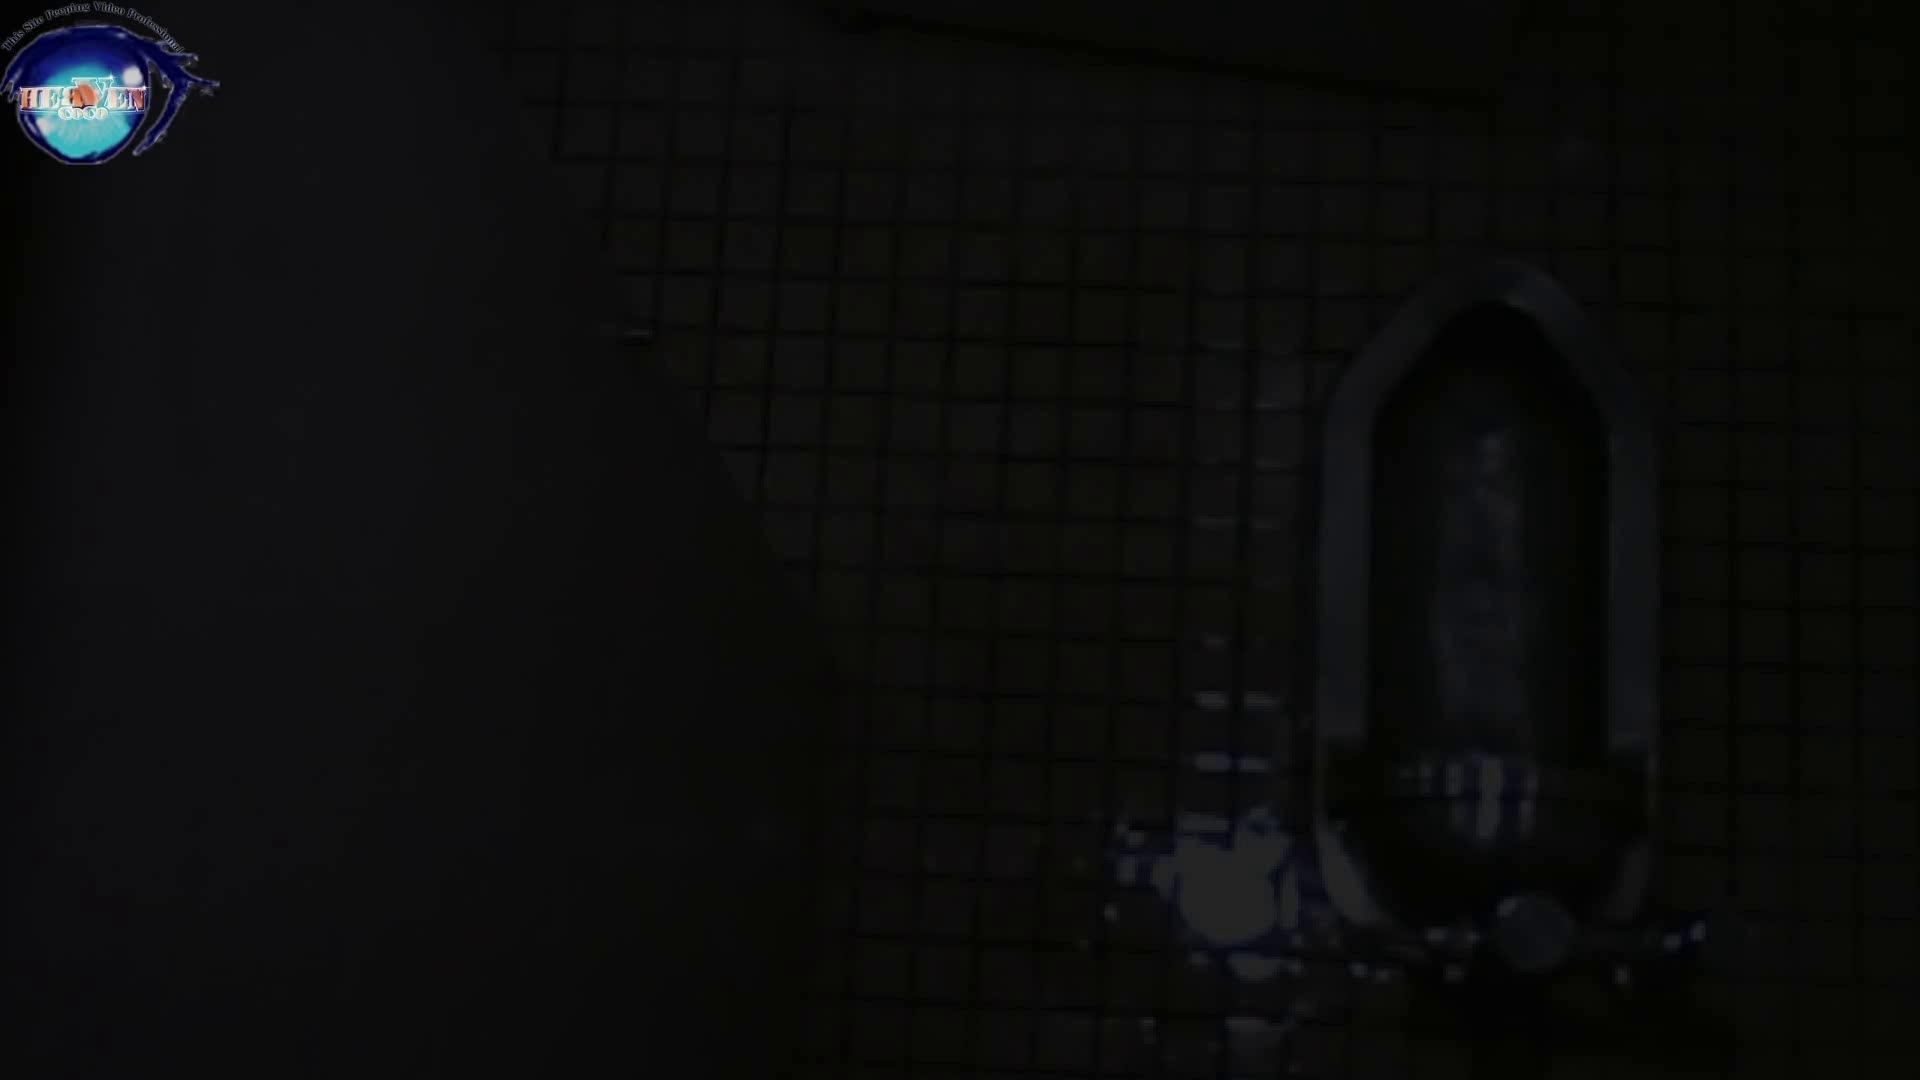 水泳大会選手の聖水 vol.16 水着 盗み撮り動画 92PIX 79